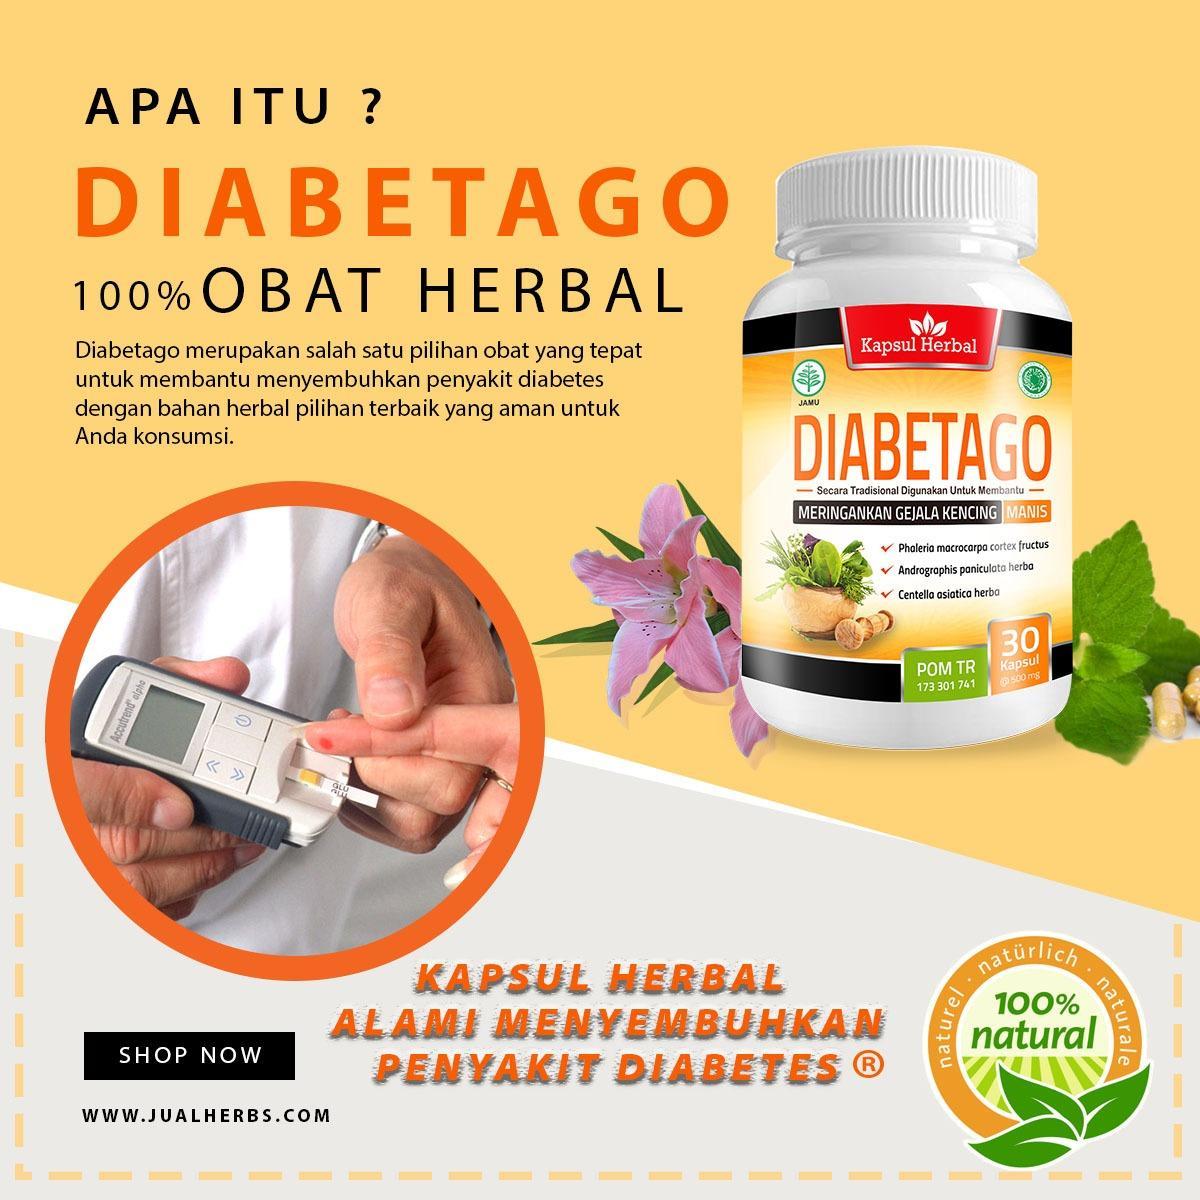 Bukan Jamu Jamsi Obat Diabetes Tapi Diabetago - Obat Diabetes Herbal Kapsul 50 Kapsul